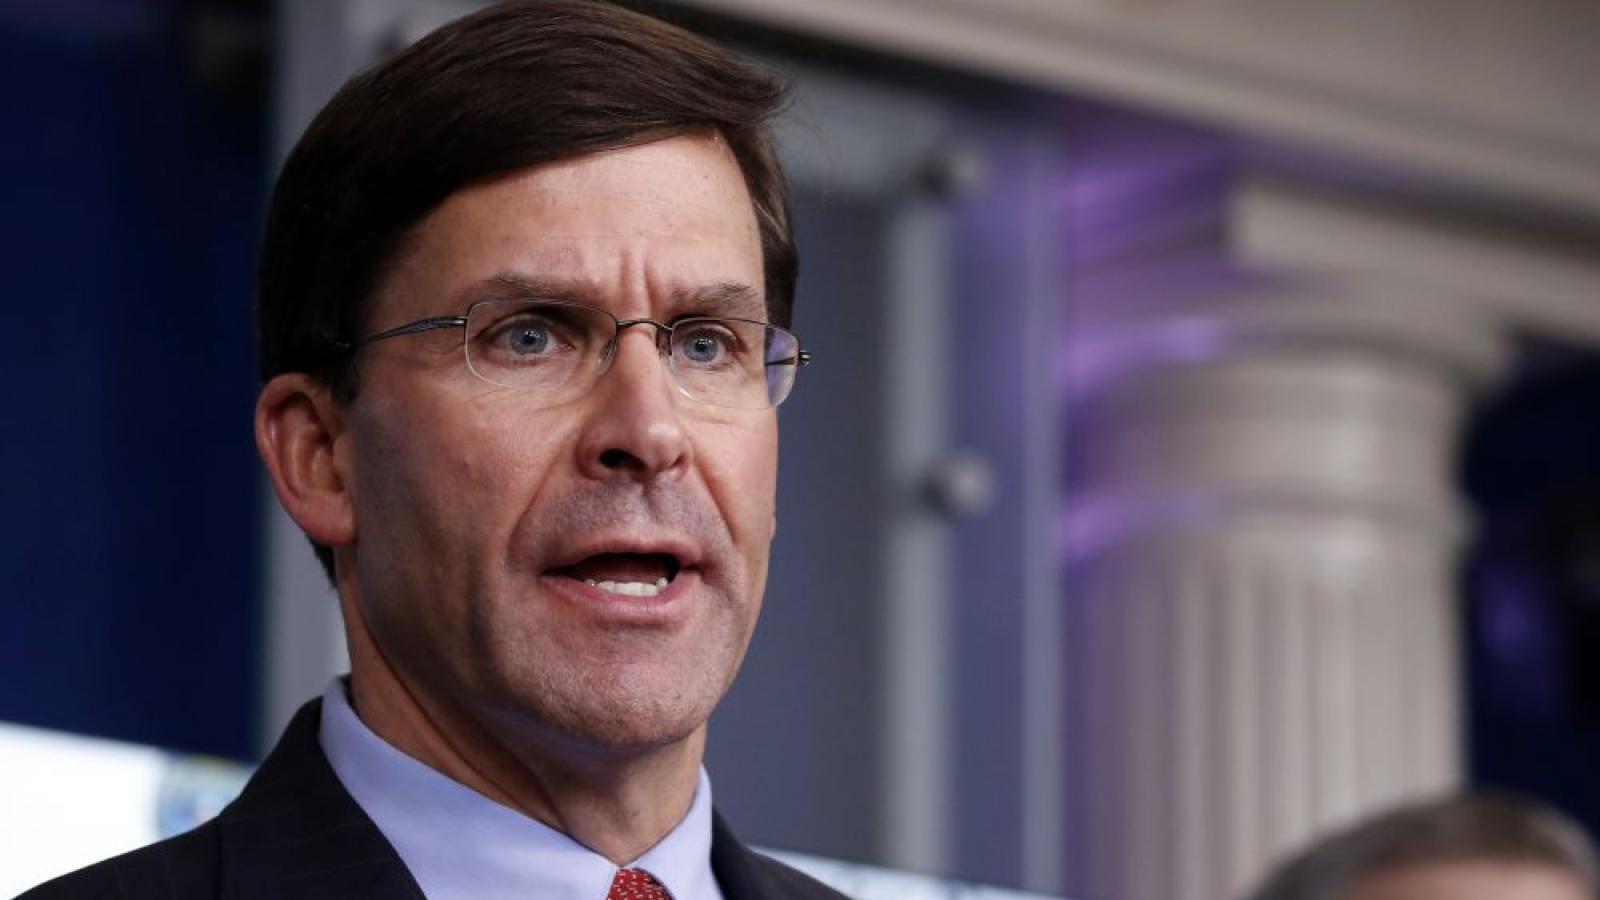 Bộ trưởng Quốc phòng Mỹ chuẩn bị thư xin từ chức?